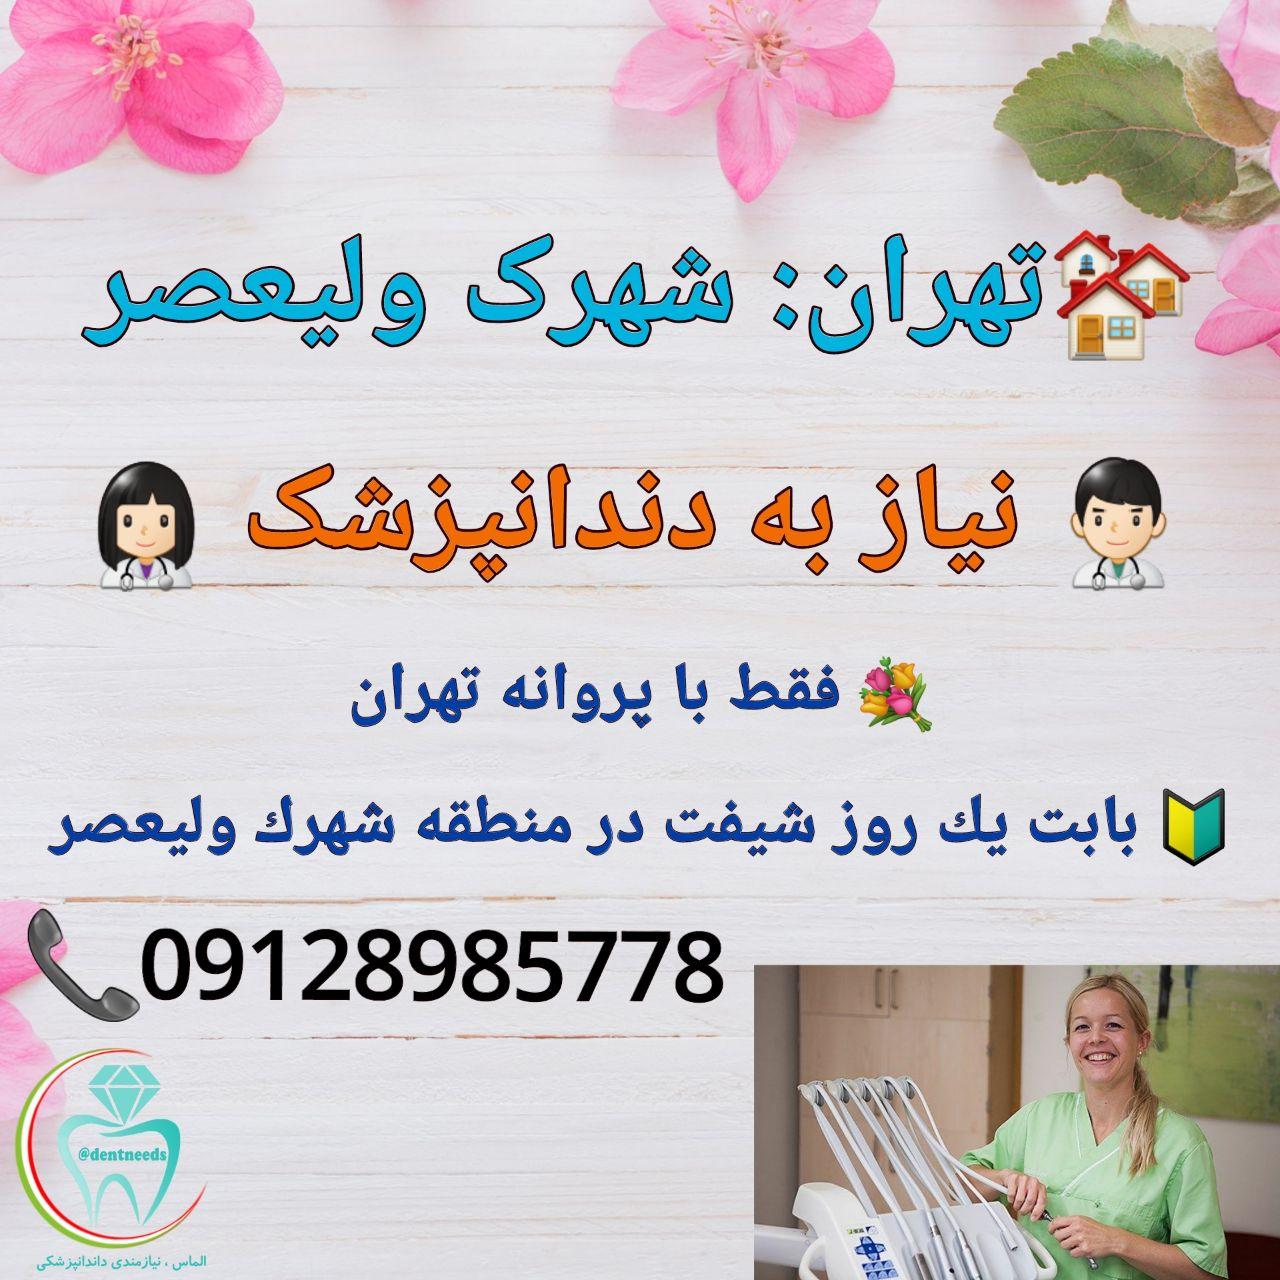 تهران: شهرک ولیعصر، نیاز به دندانپزشک